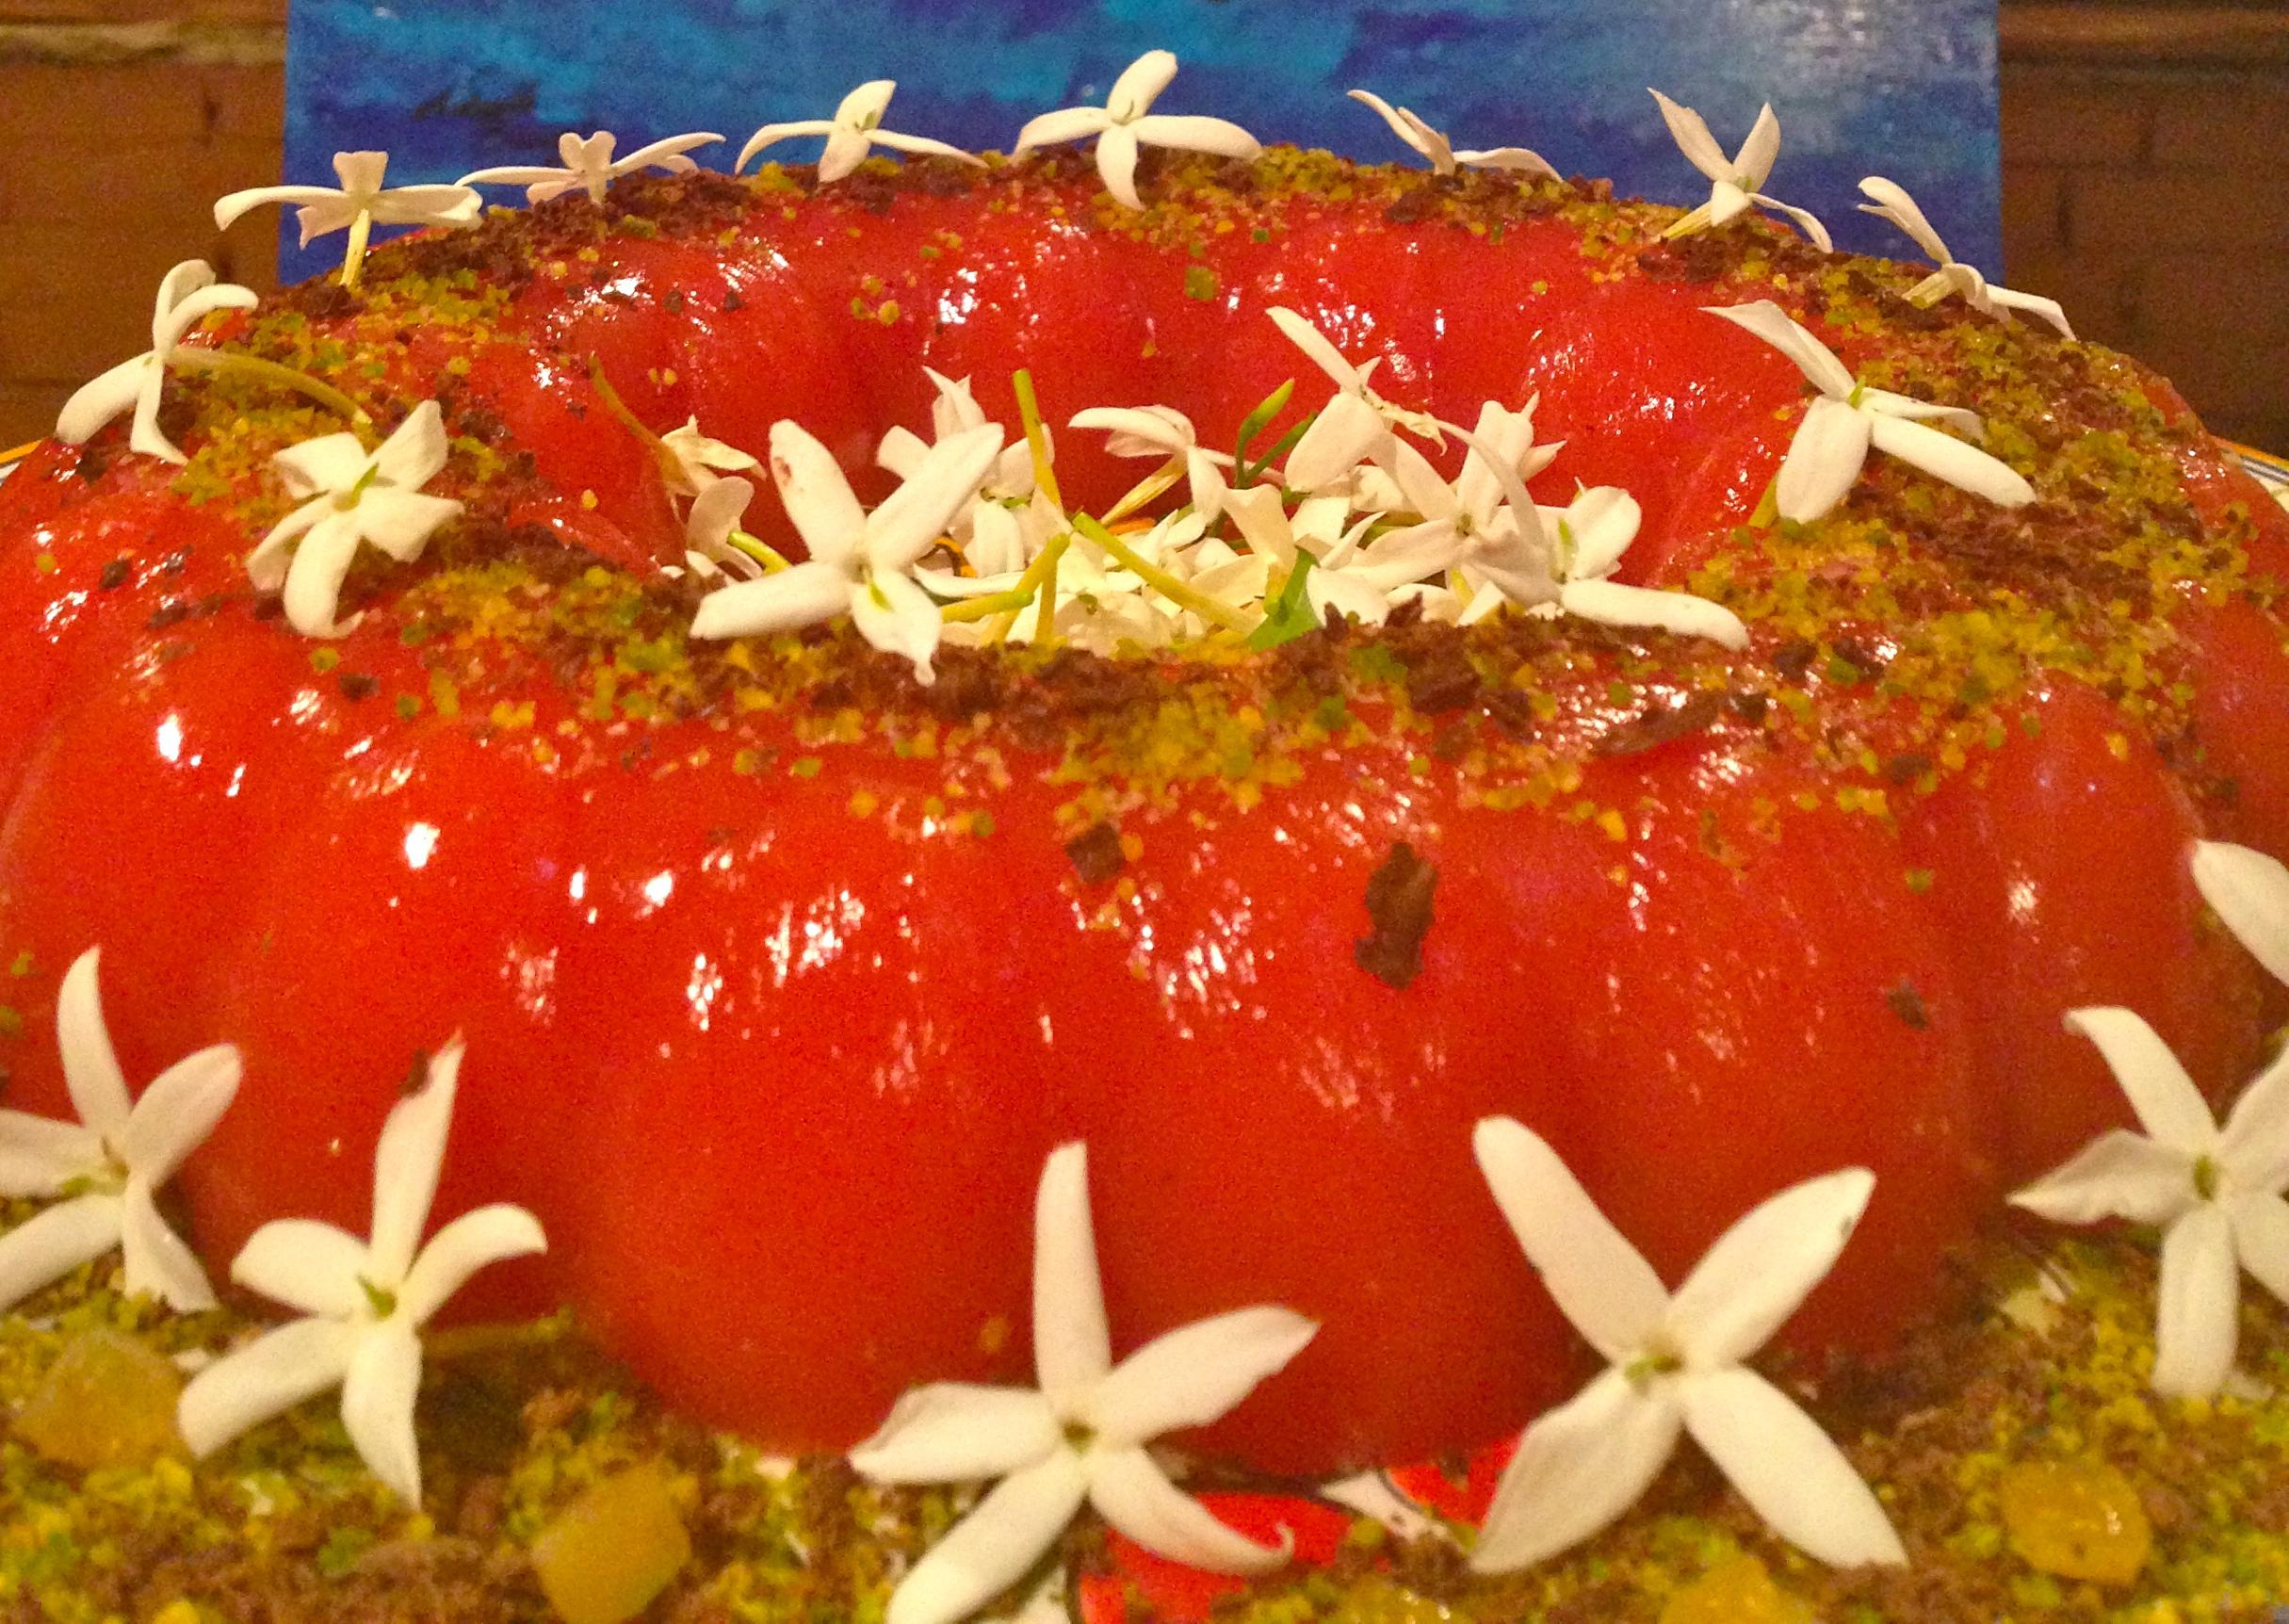 Gelo di Anguria, un dolce fresco e originale per stupire con leggerezza di dolci senza burro